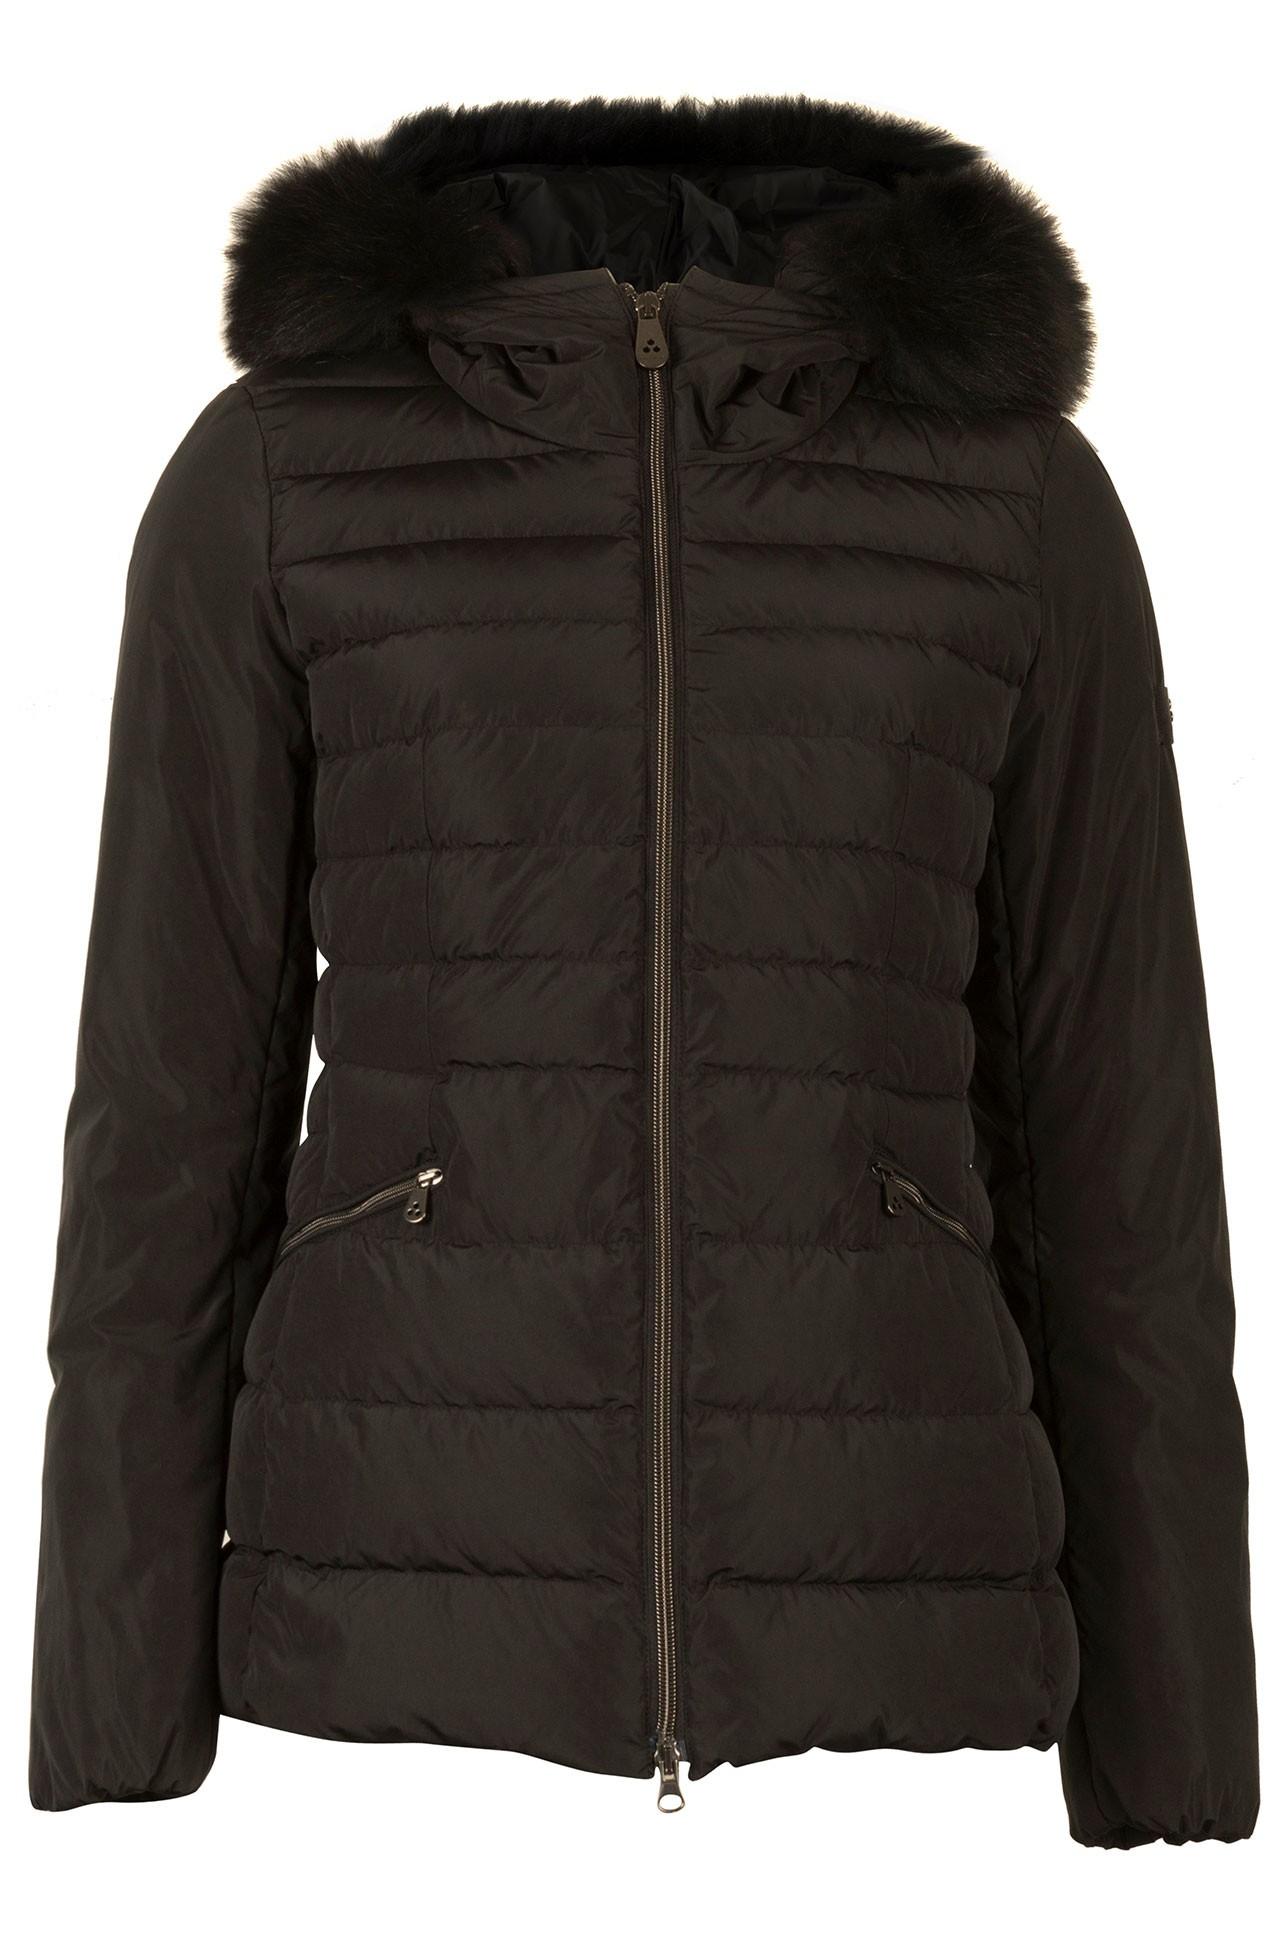 Afbeelding van Peuterey Peuterey m420 turmalet sport jas - zwart